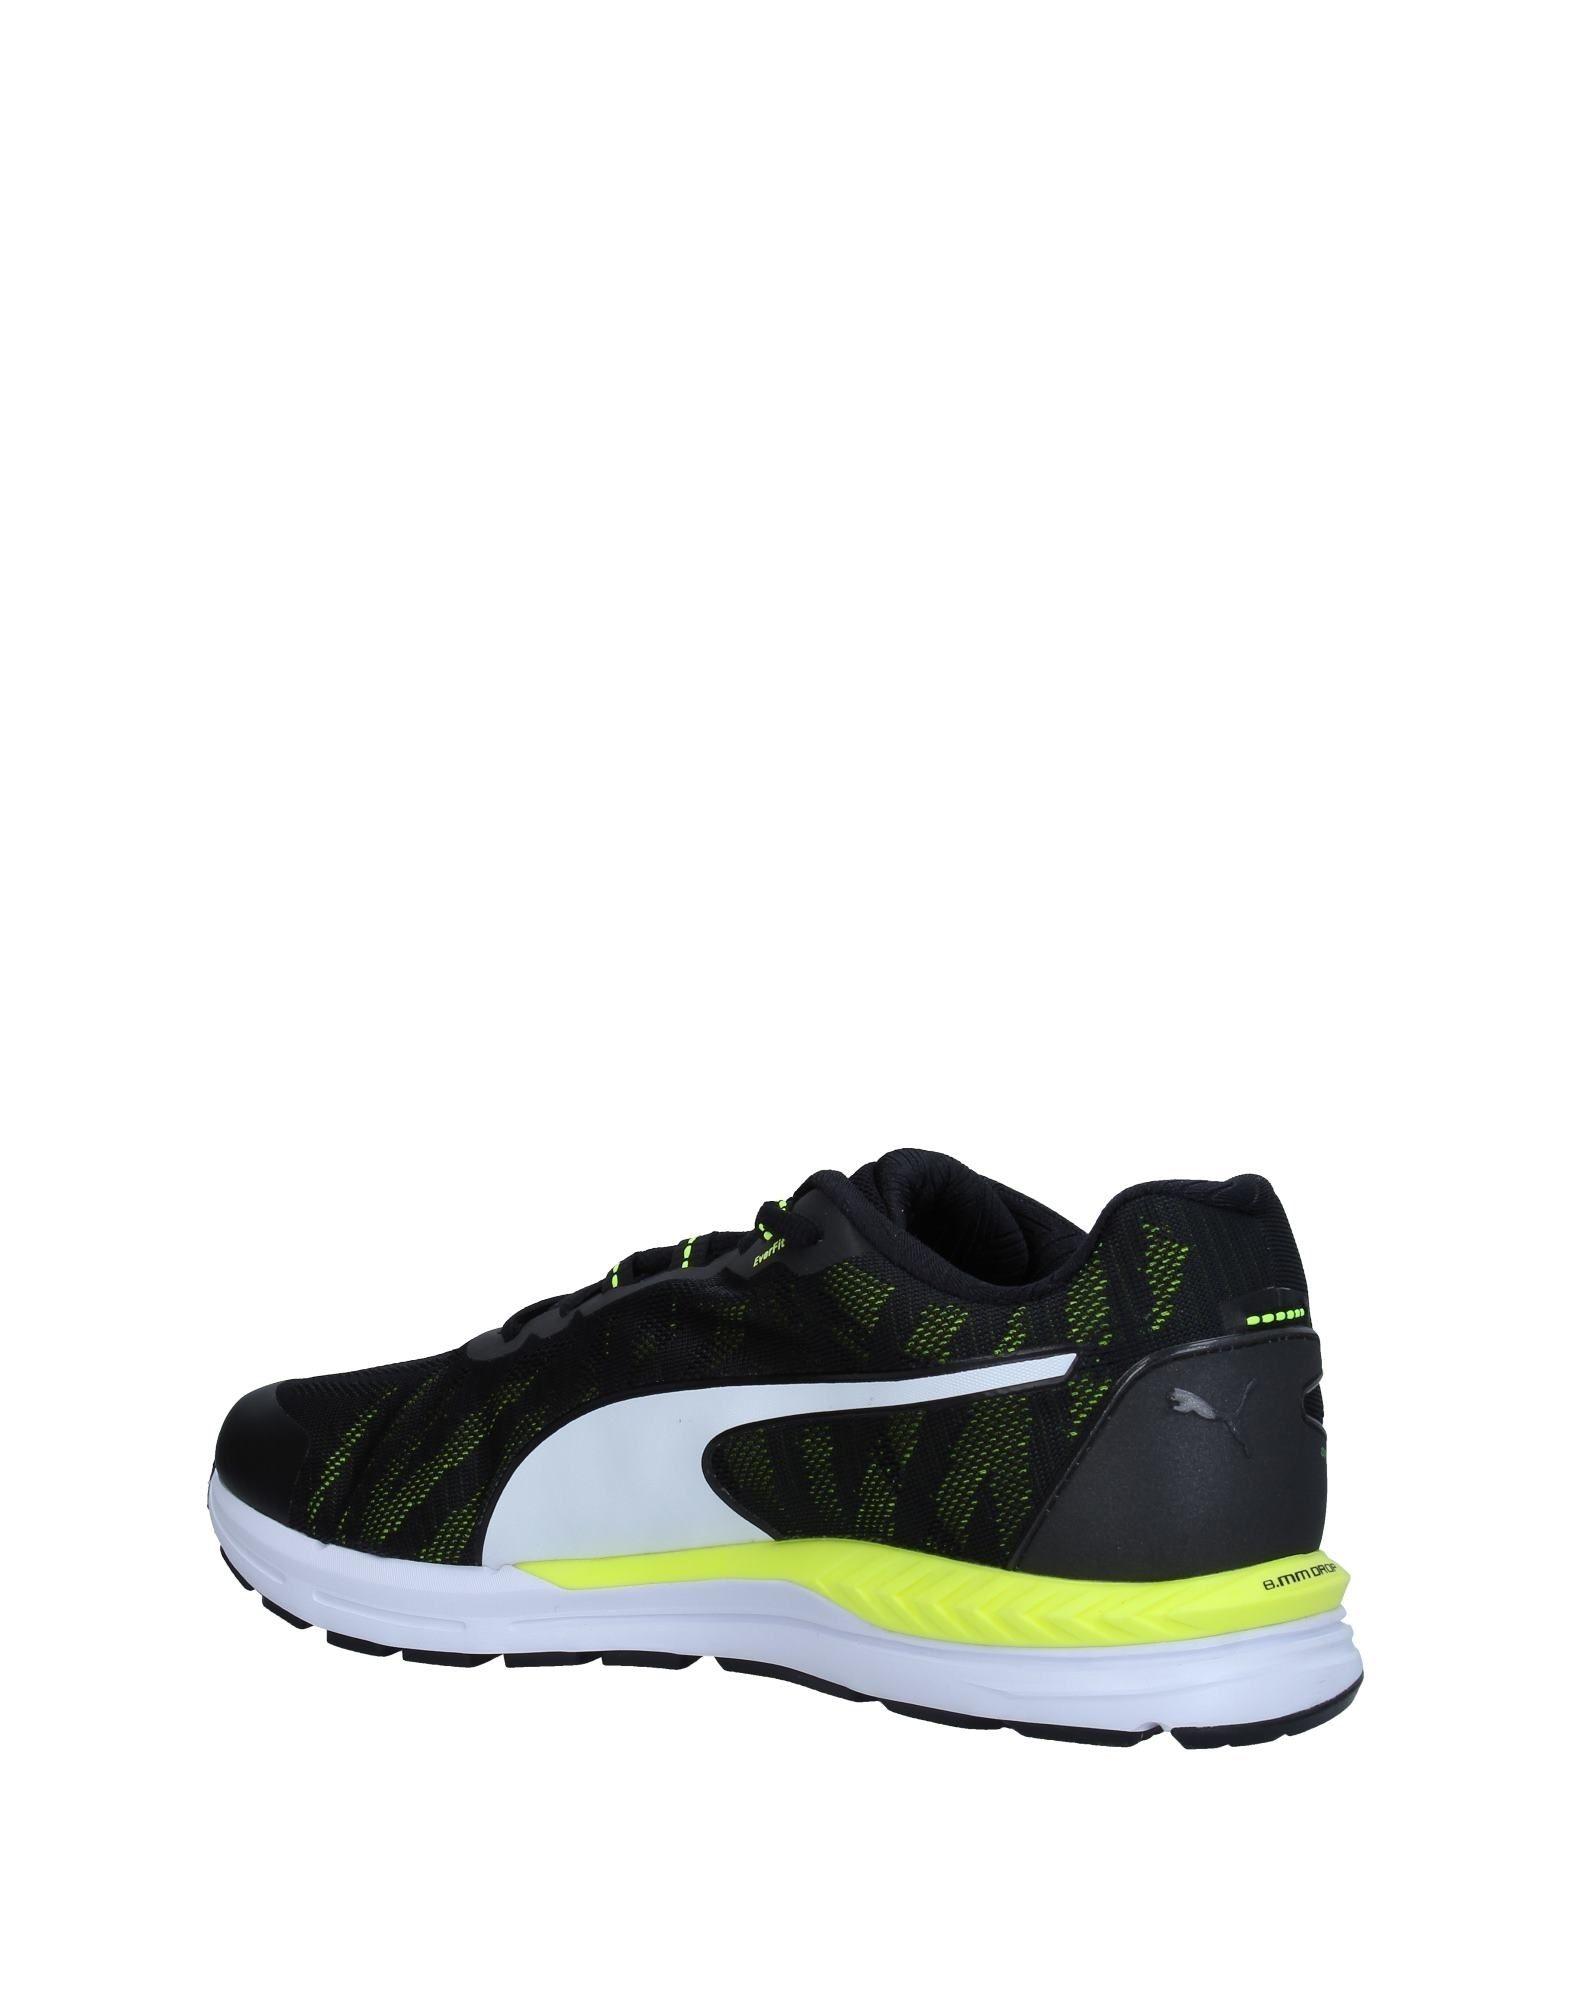 Puma Sneakers Herren  11333744BQ Schuhe Heiße Schuhe 11333744BQ 9ba2ab